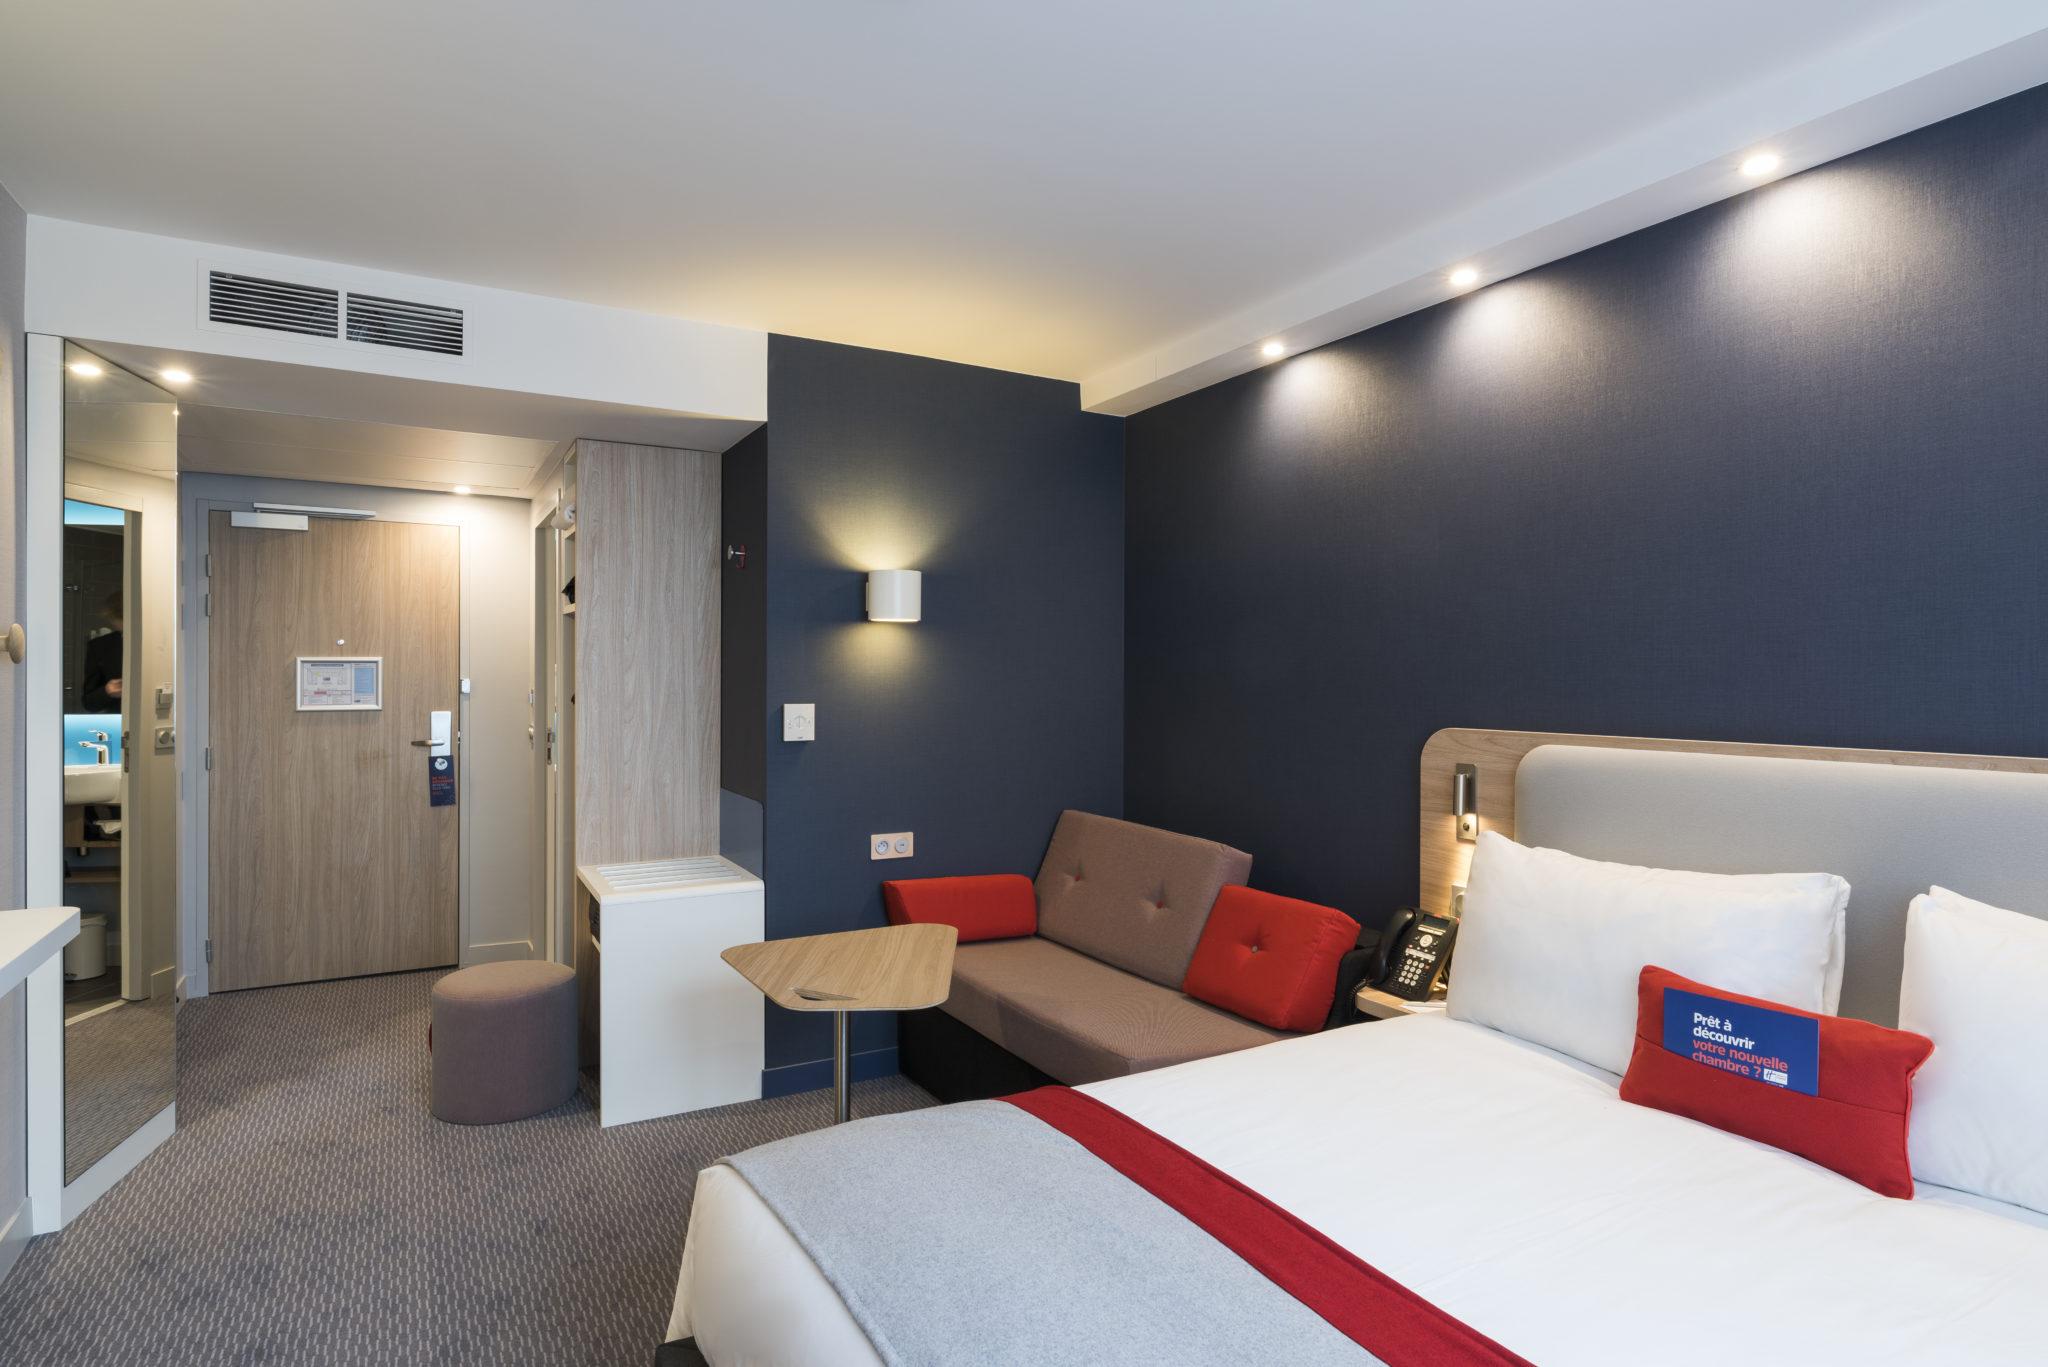 Holiday Inn Express Paris - CDG Airport (12)